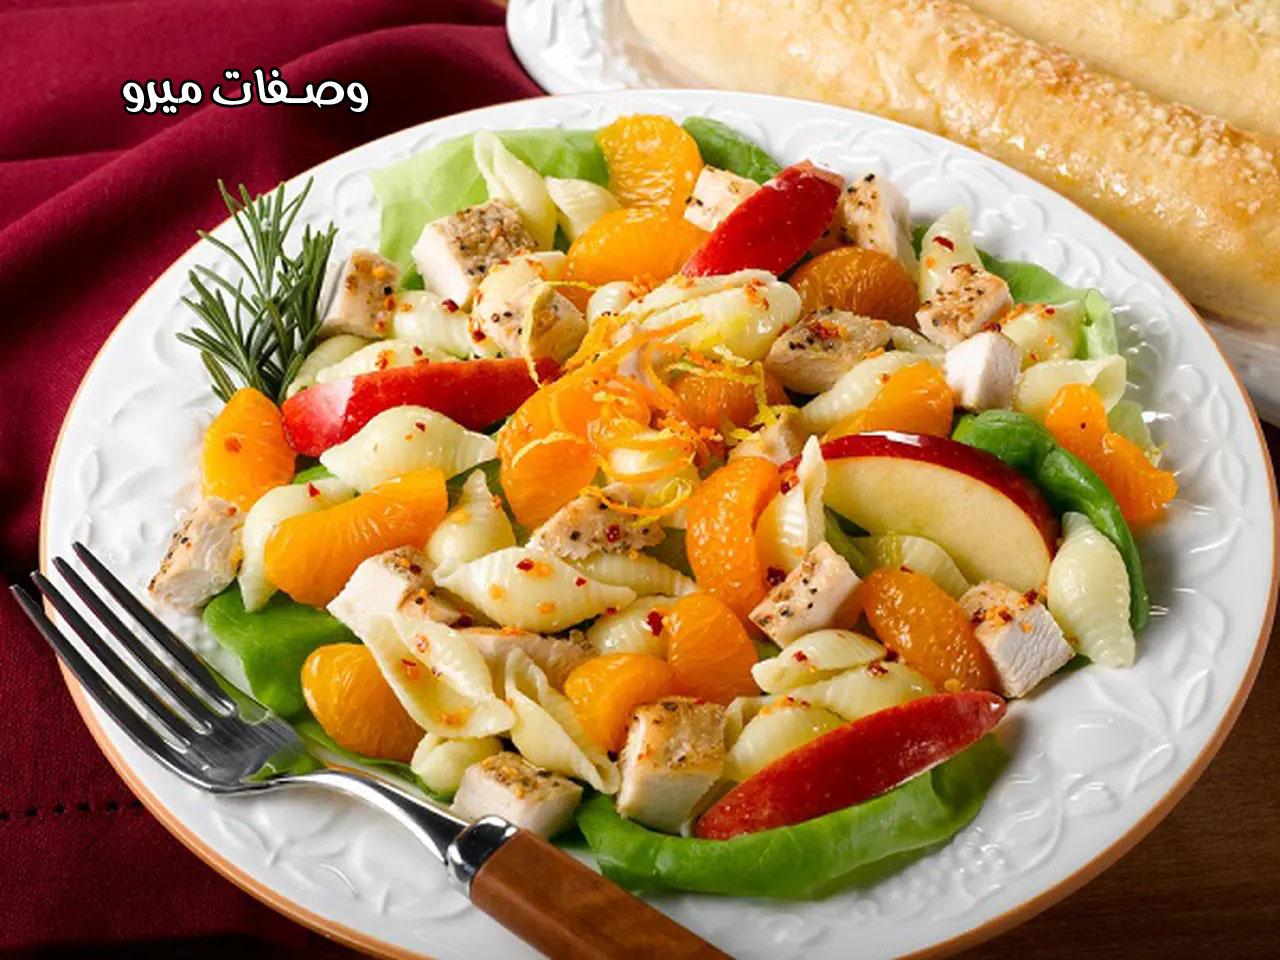 طريقة عمل طبق قطع الدجاج بالمكرونة والبرتقال